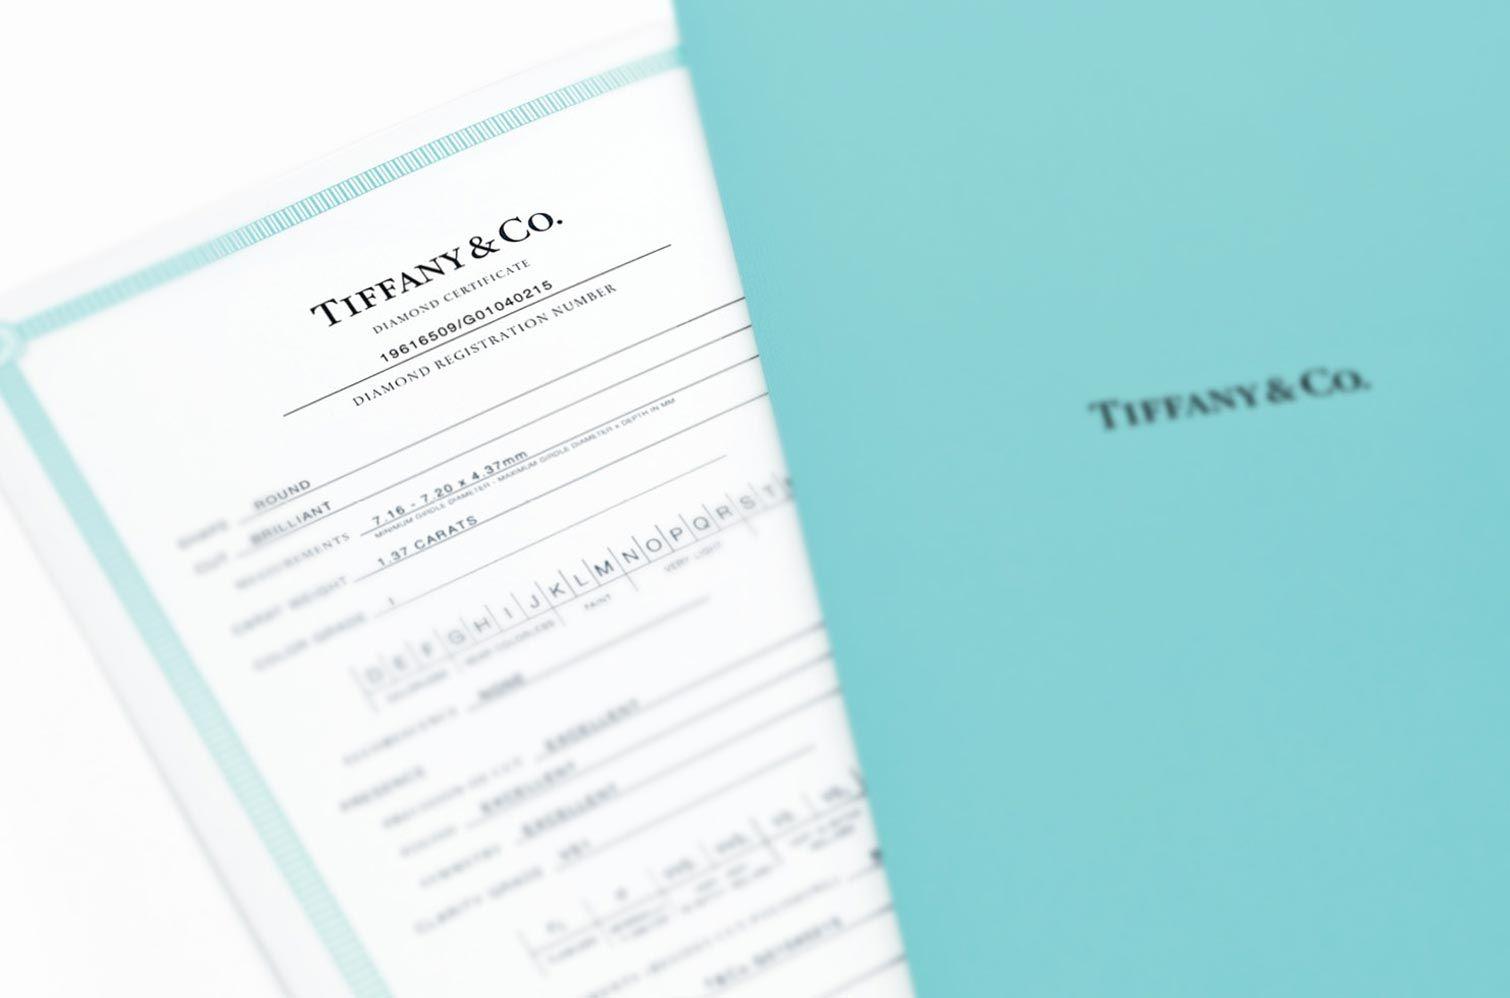 Além dos 4Cs | Tiffany & Co.